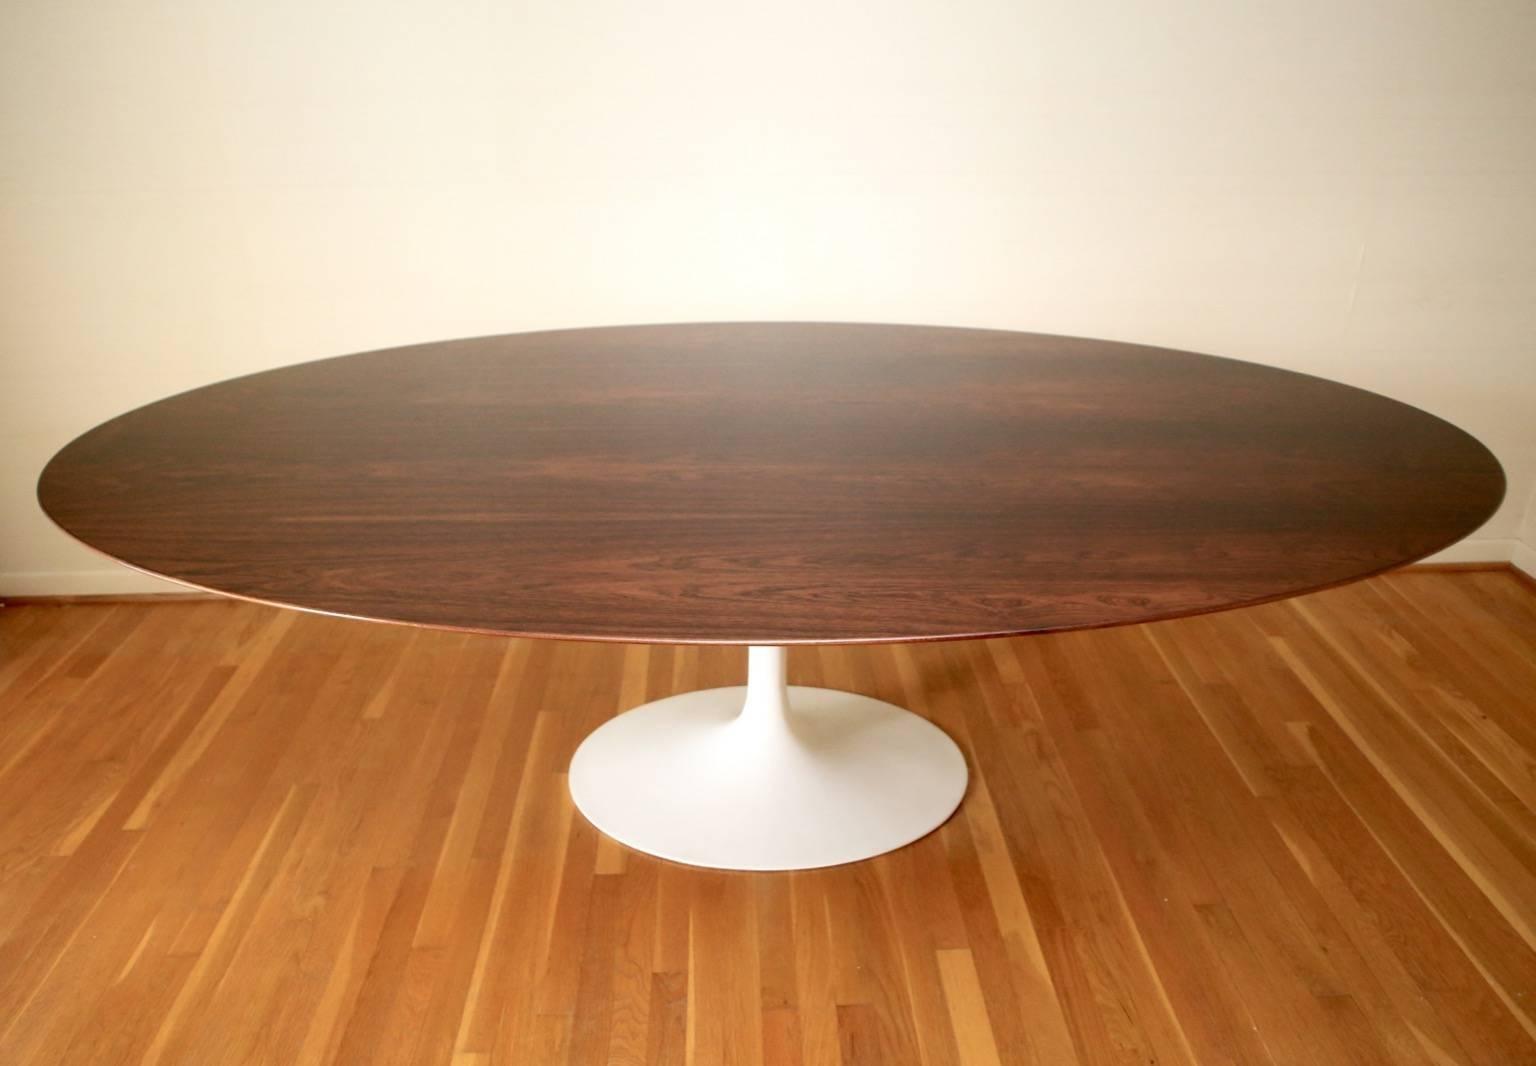 Rare Saarinen Walnut Dining Table At Stdibs - Saarinen oval dining table 96